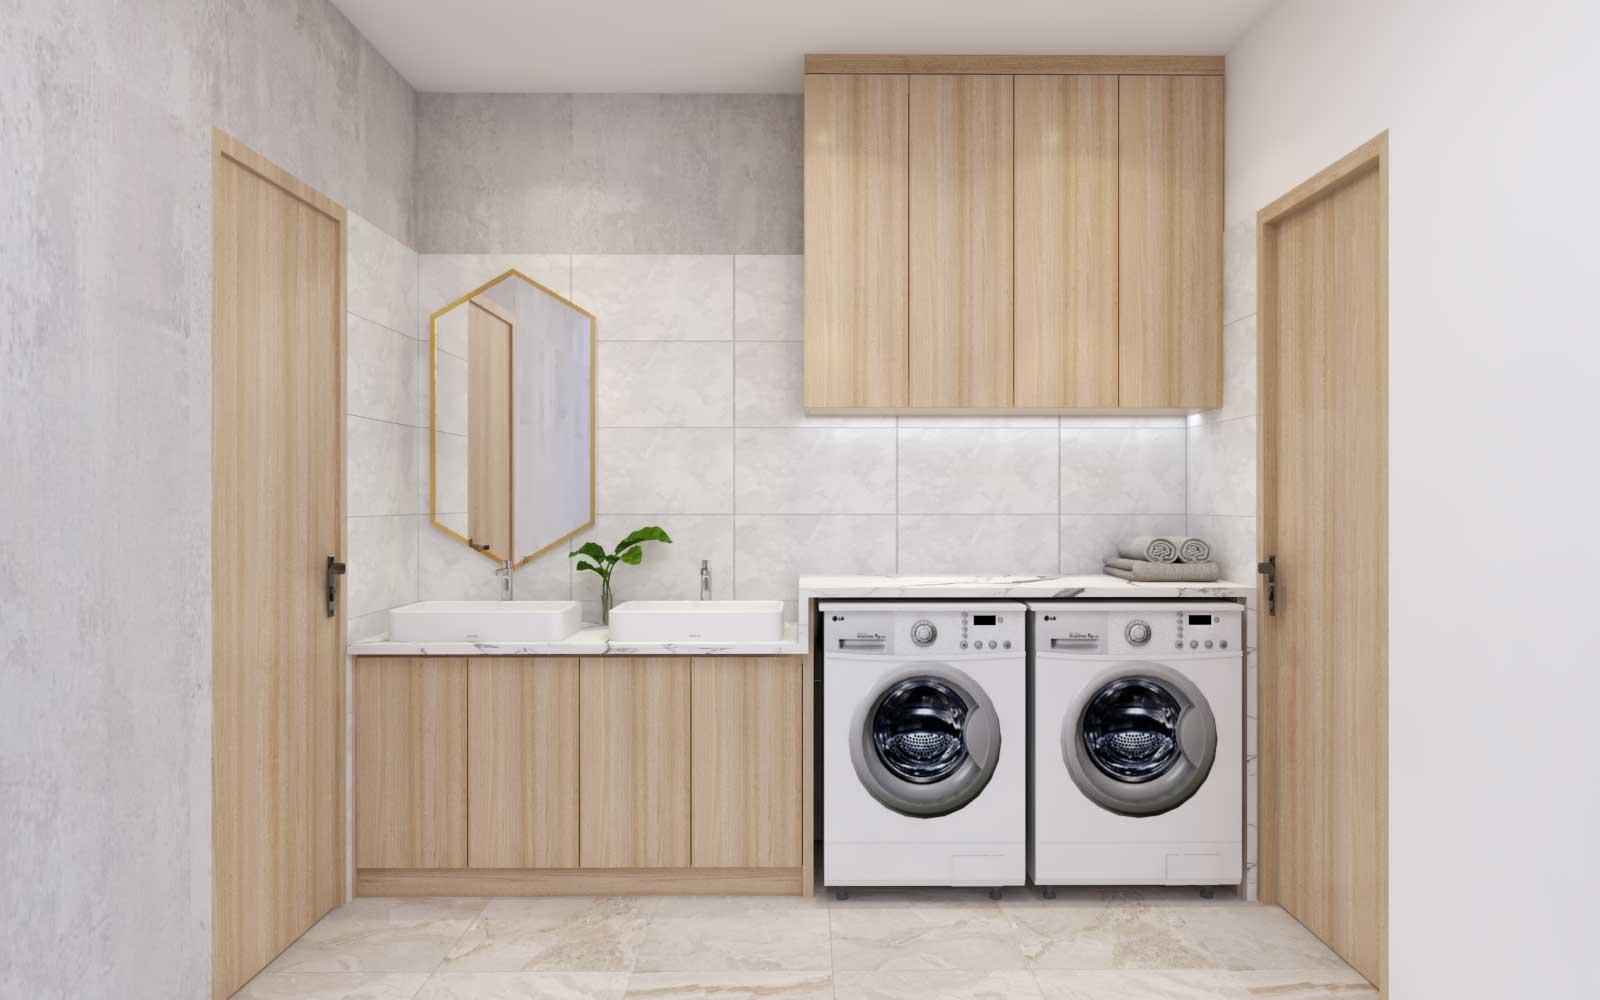 Thiết kế tủ Lavabo gỗ phòng tắm